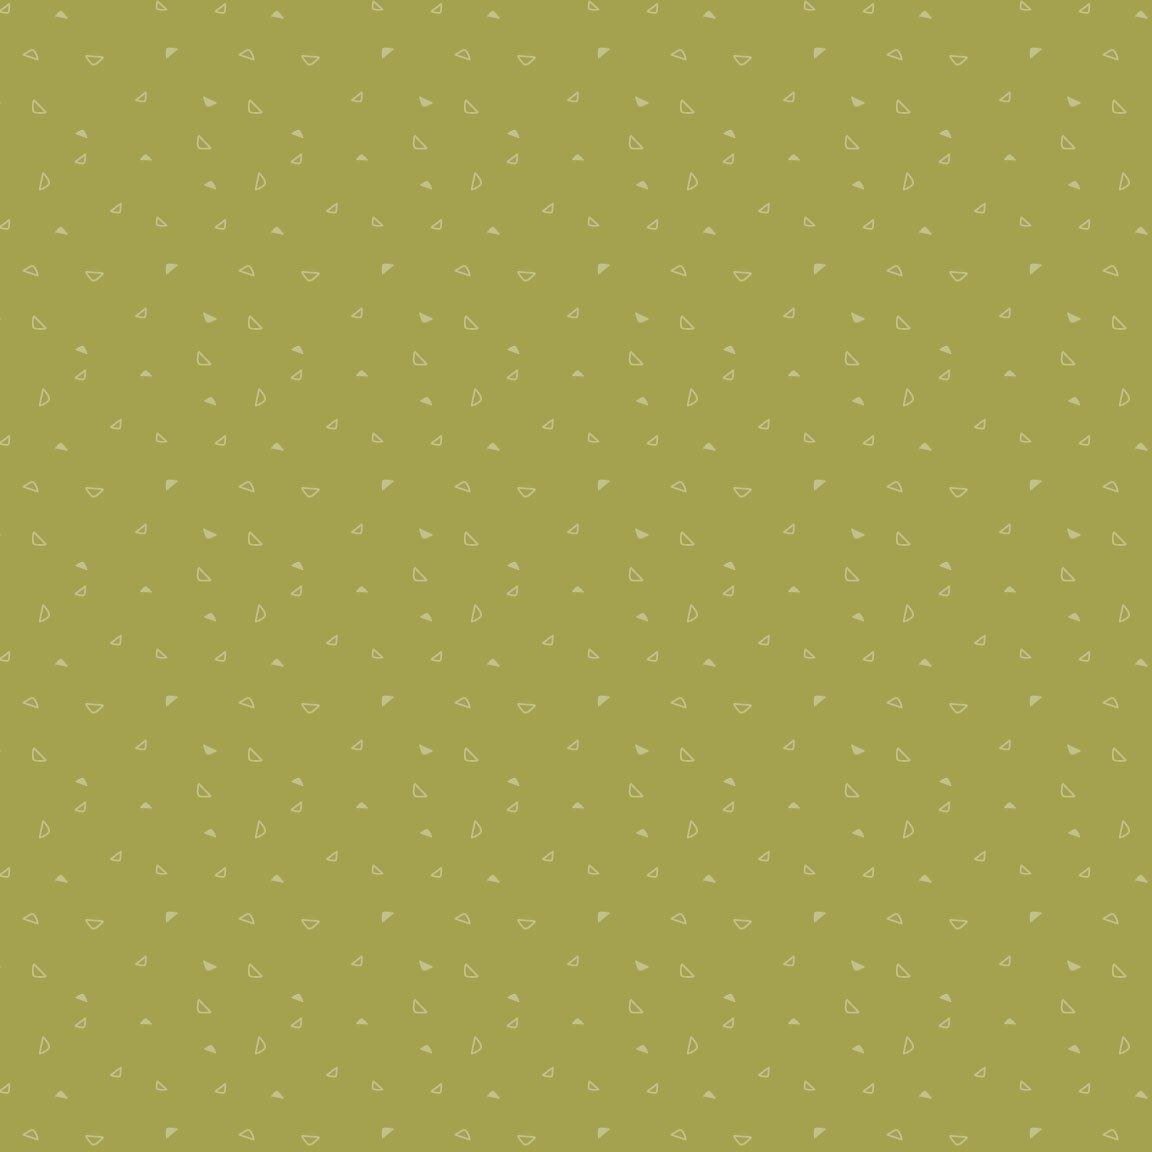 Quiltex Blender - Green